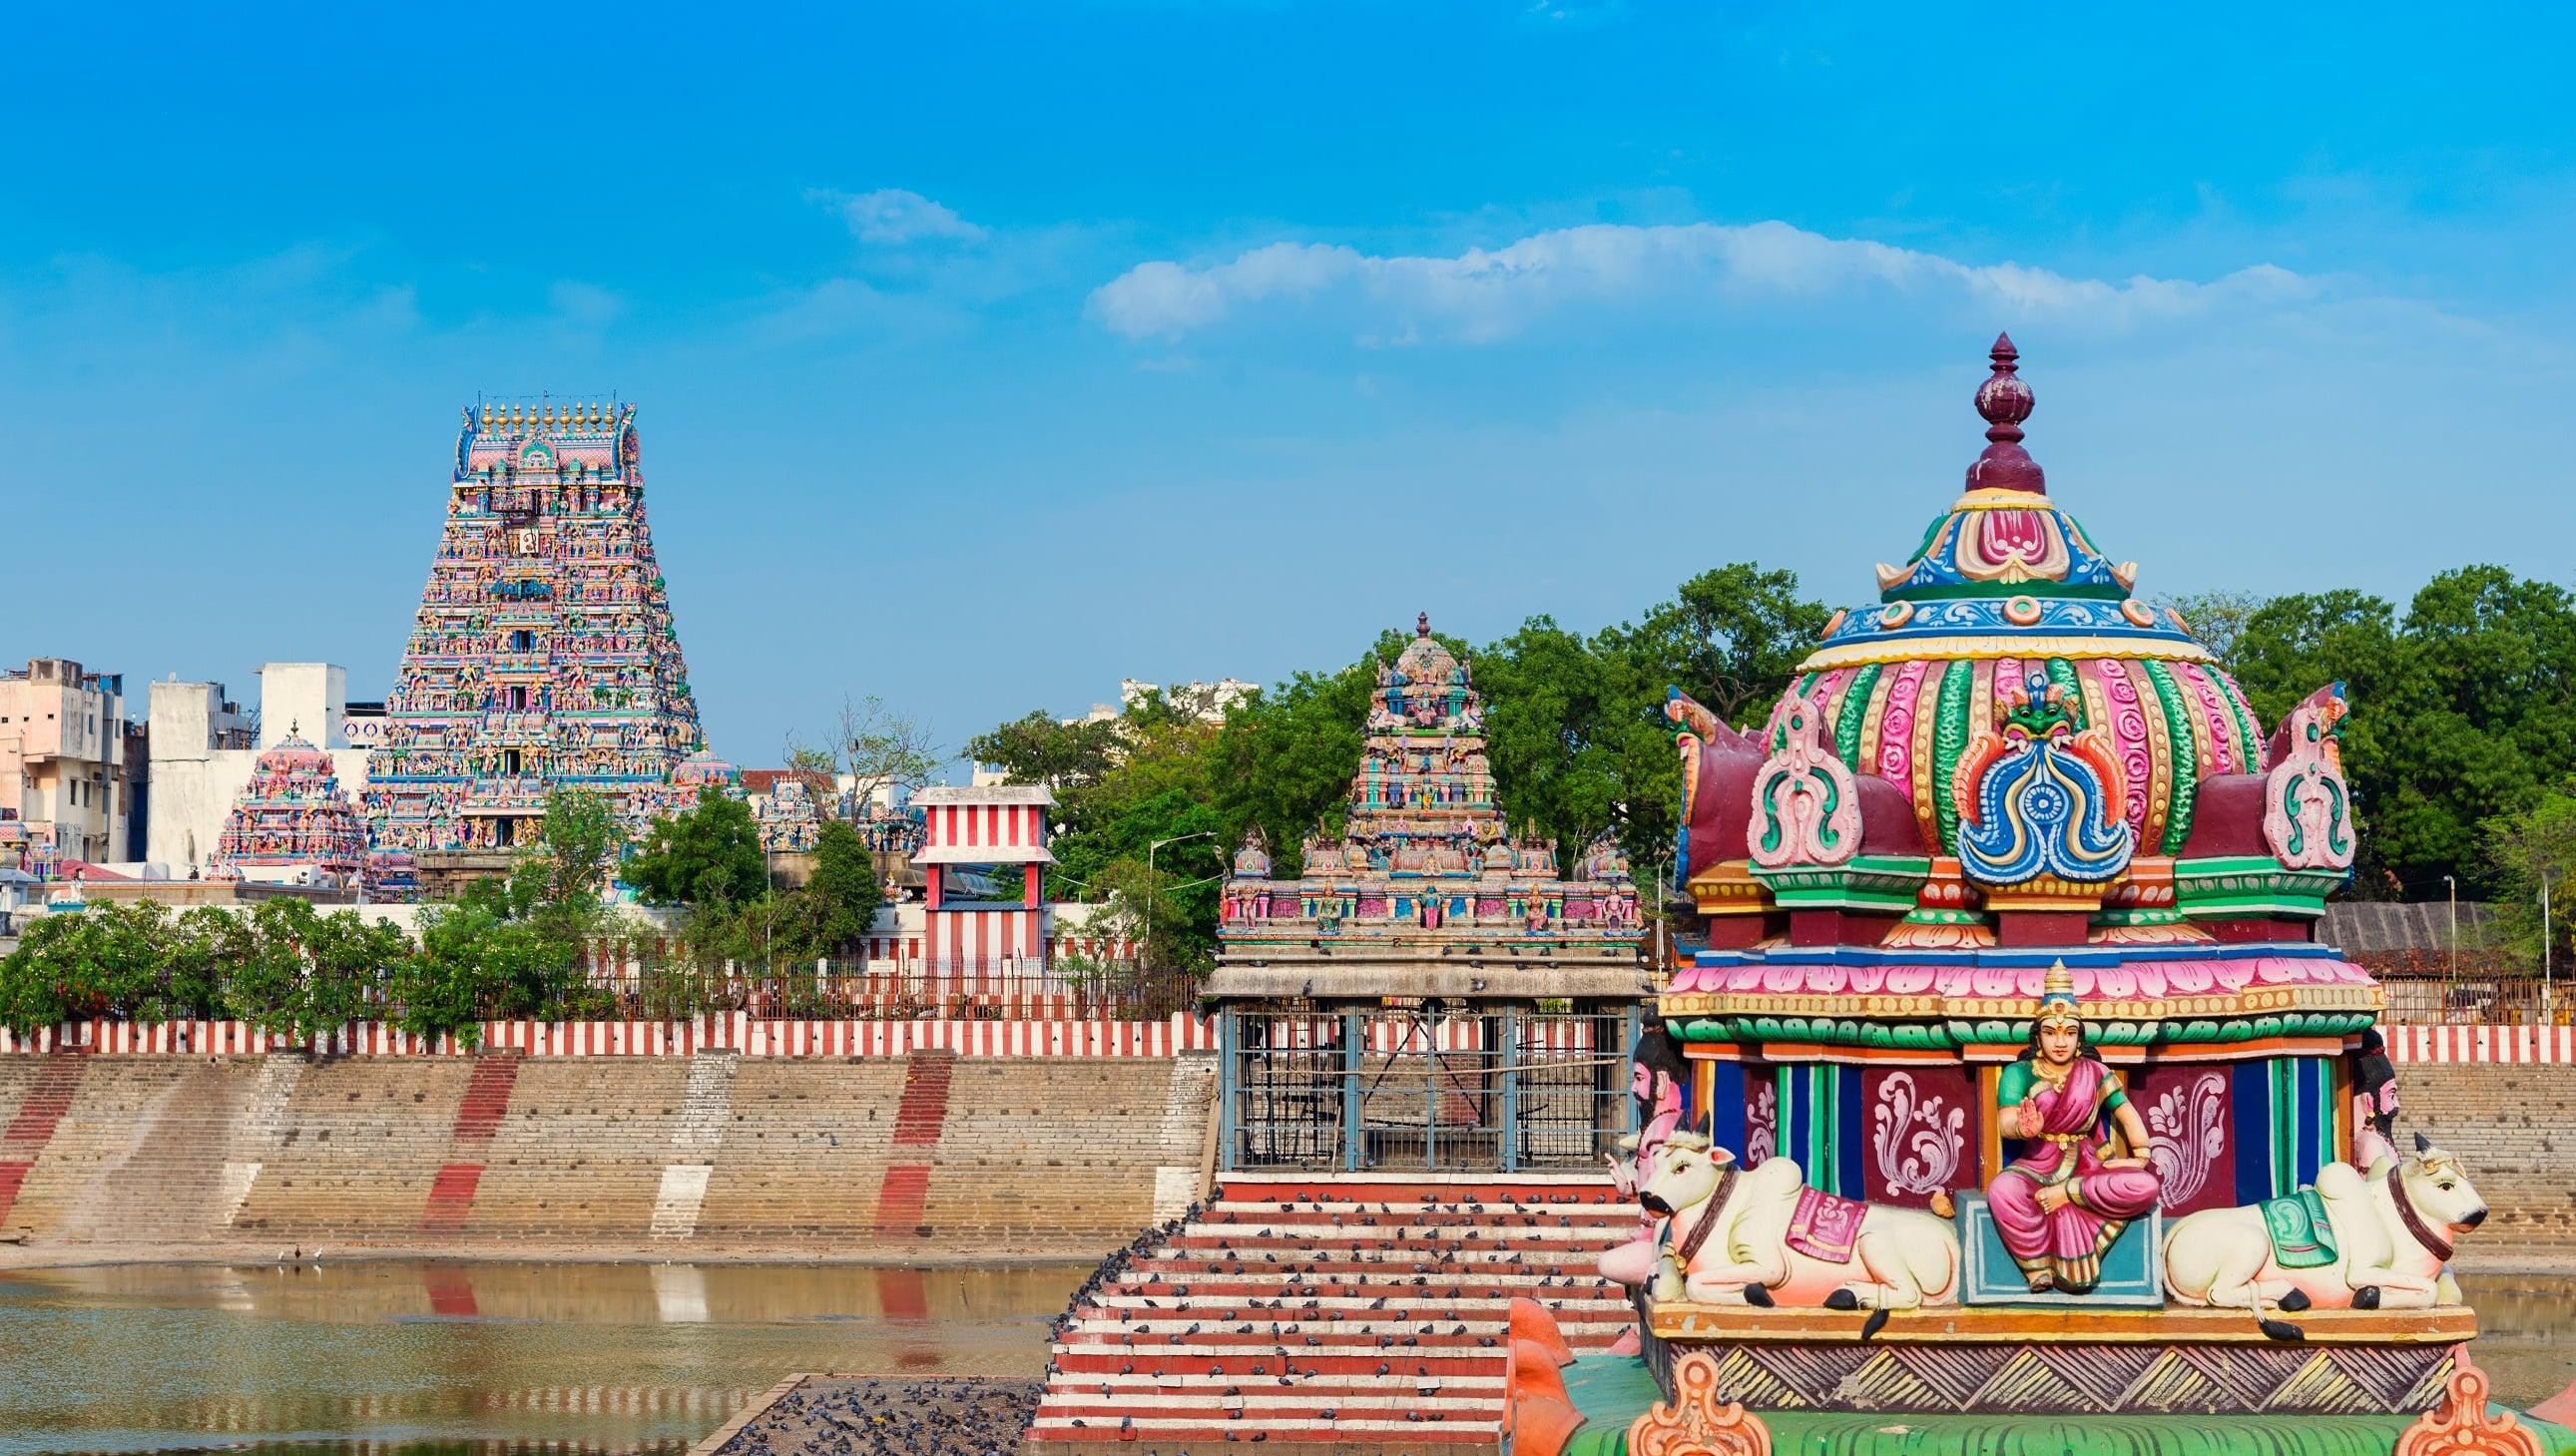 生粋のインド文化を感じられる街、チェンナイの観光地24選!